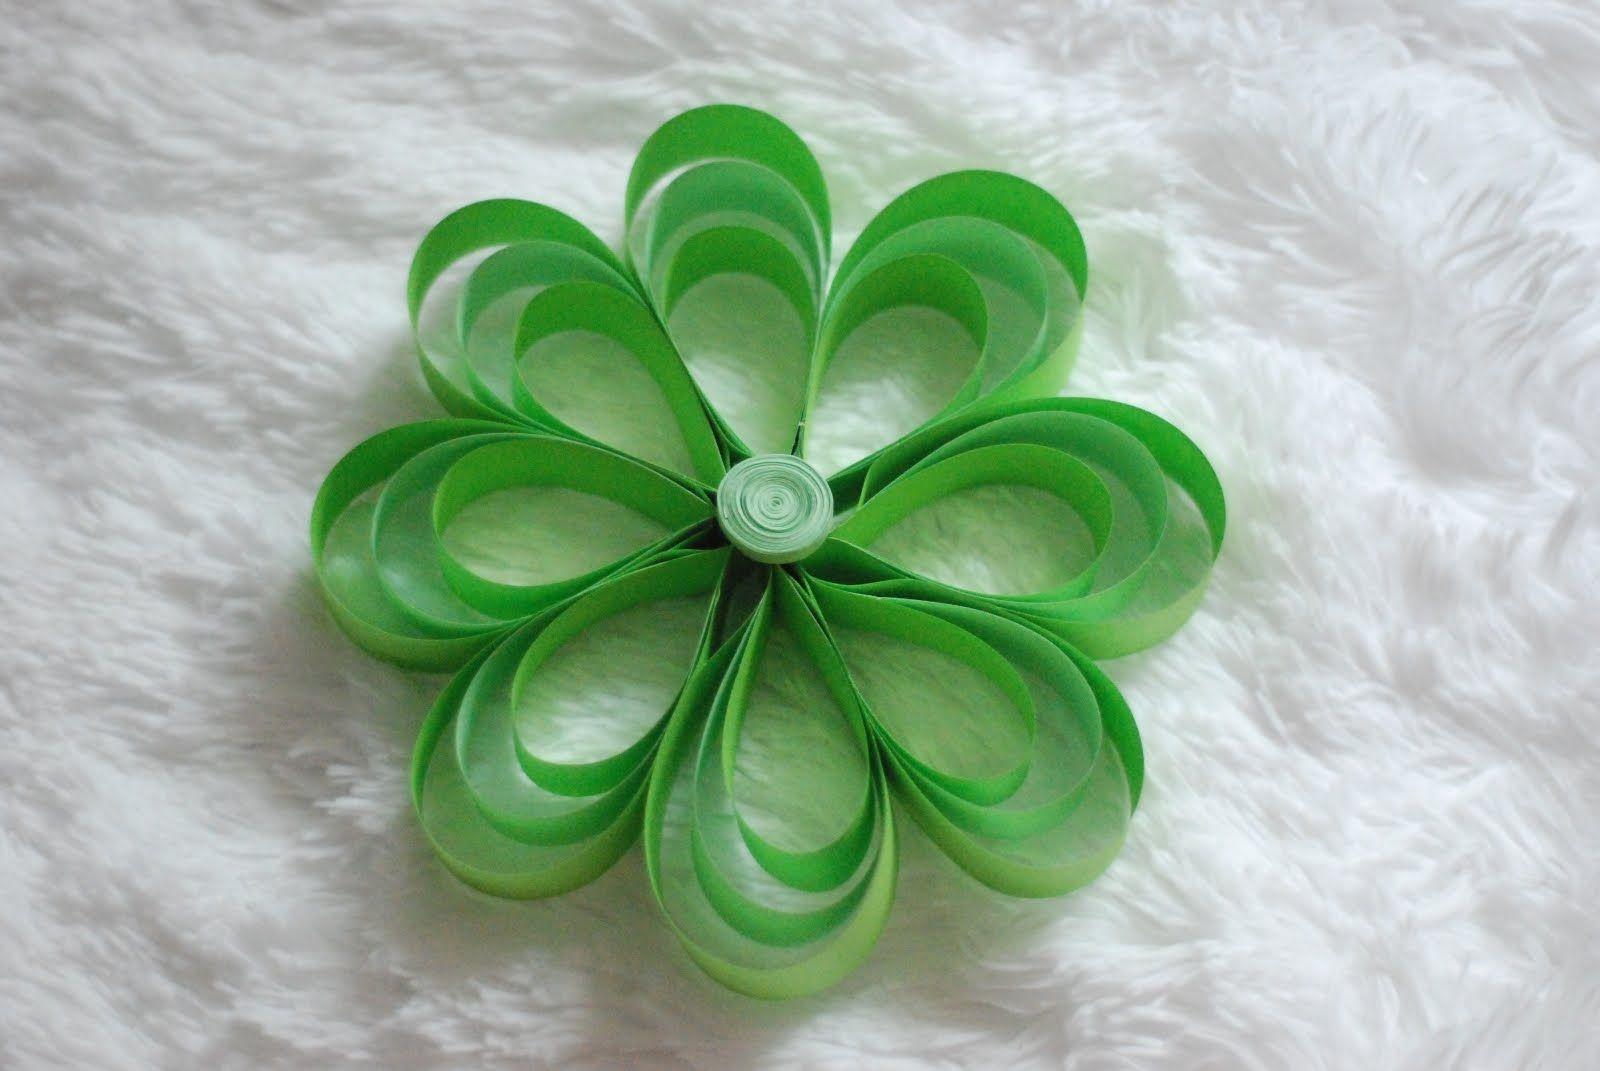 Jak Zrobic Kwiaty Z Paskow Papieru How To Make Paper Strip Flowers How To Make Paper Crafts Flowers